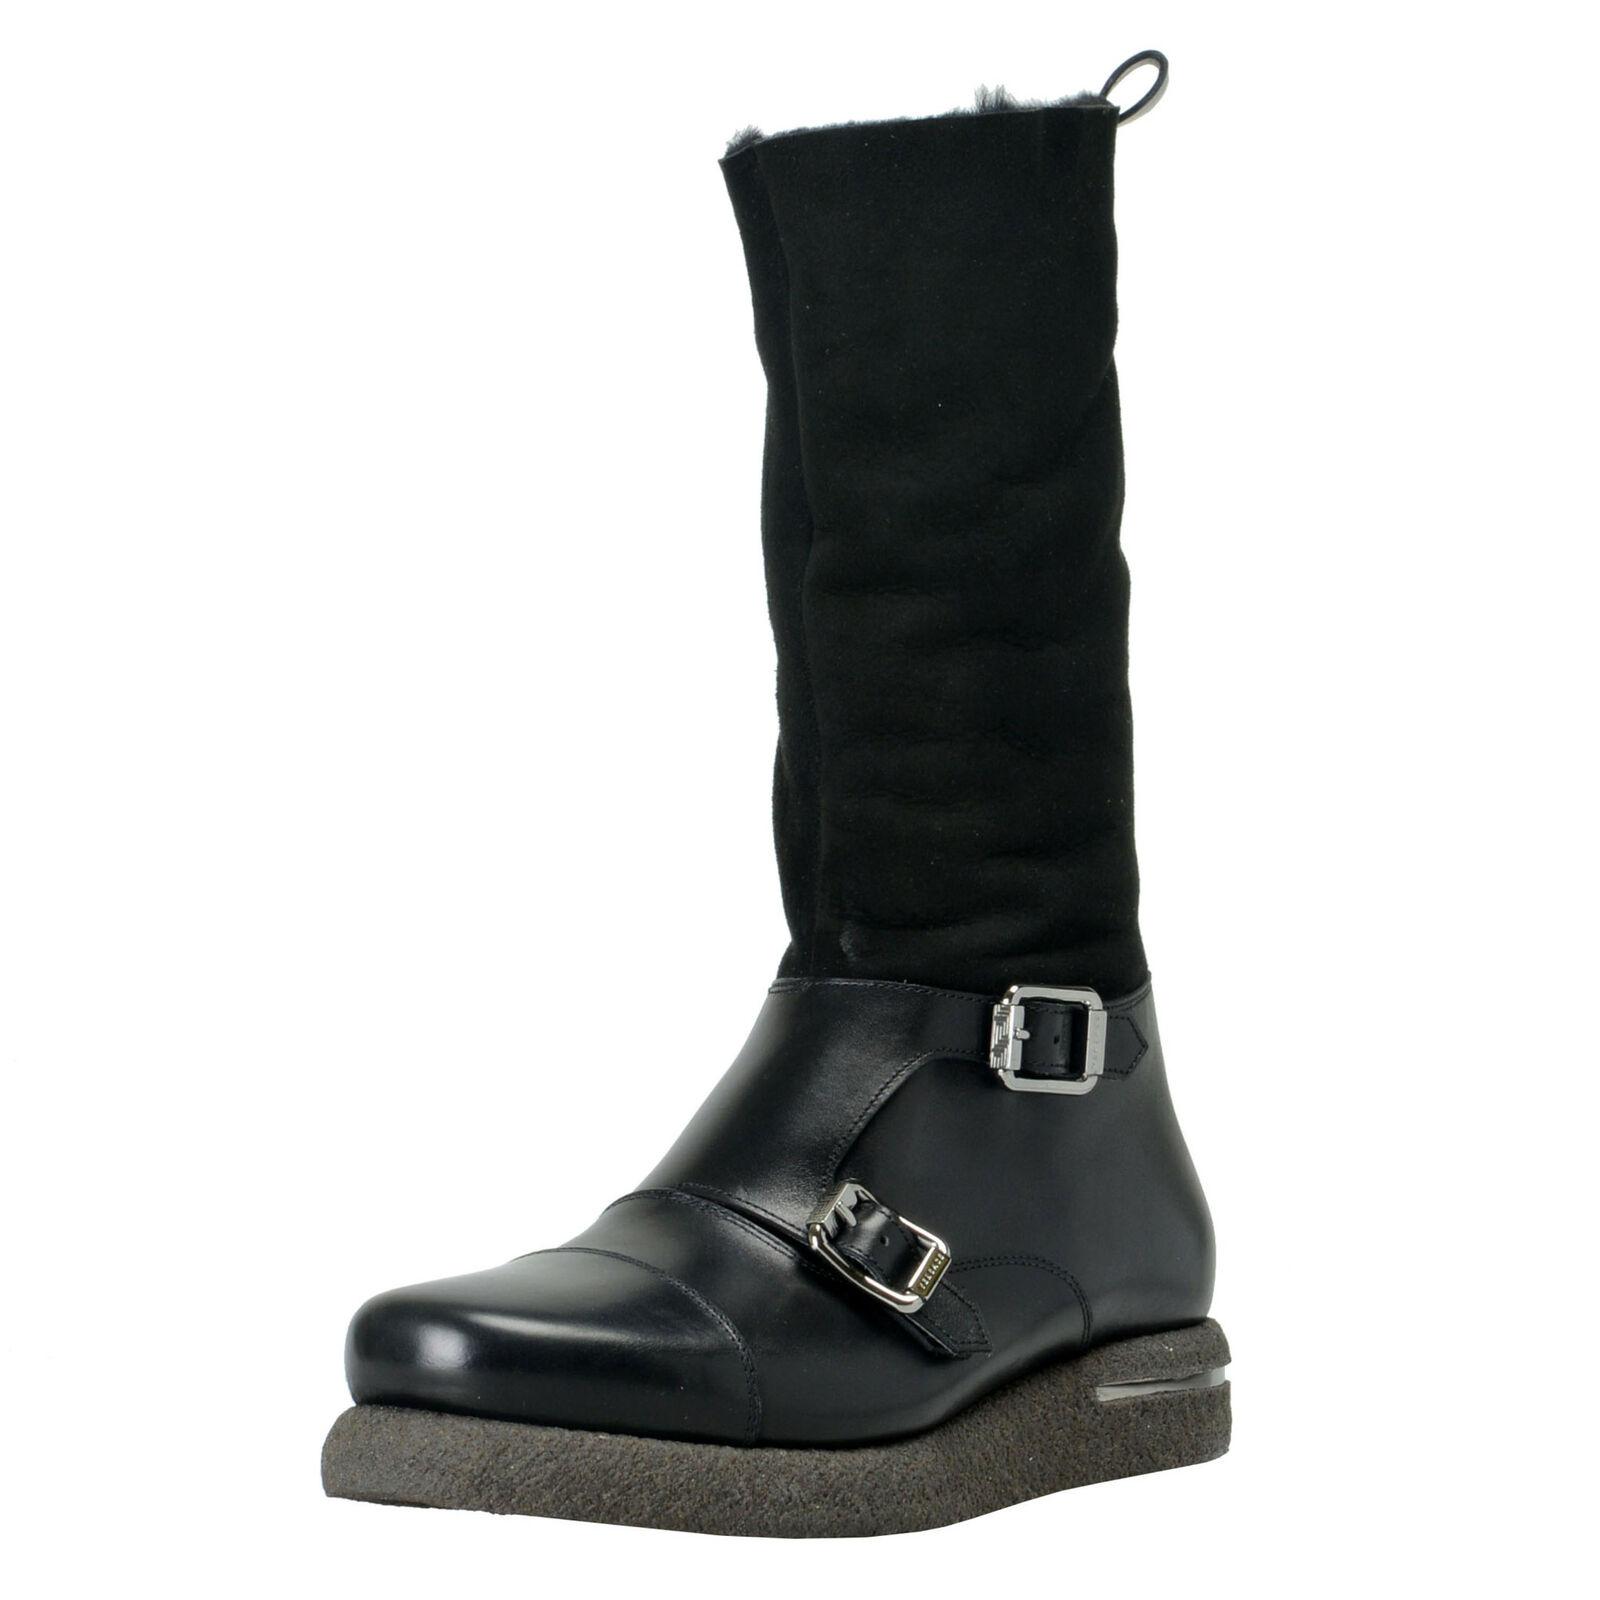 Versace Men's Suede Leather Real Fur Winter stivali scarpe Sz 9.5 10 10.5 11 13